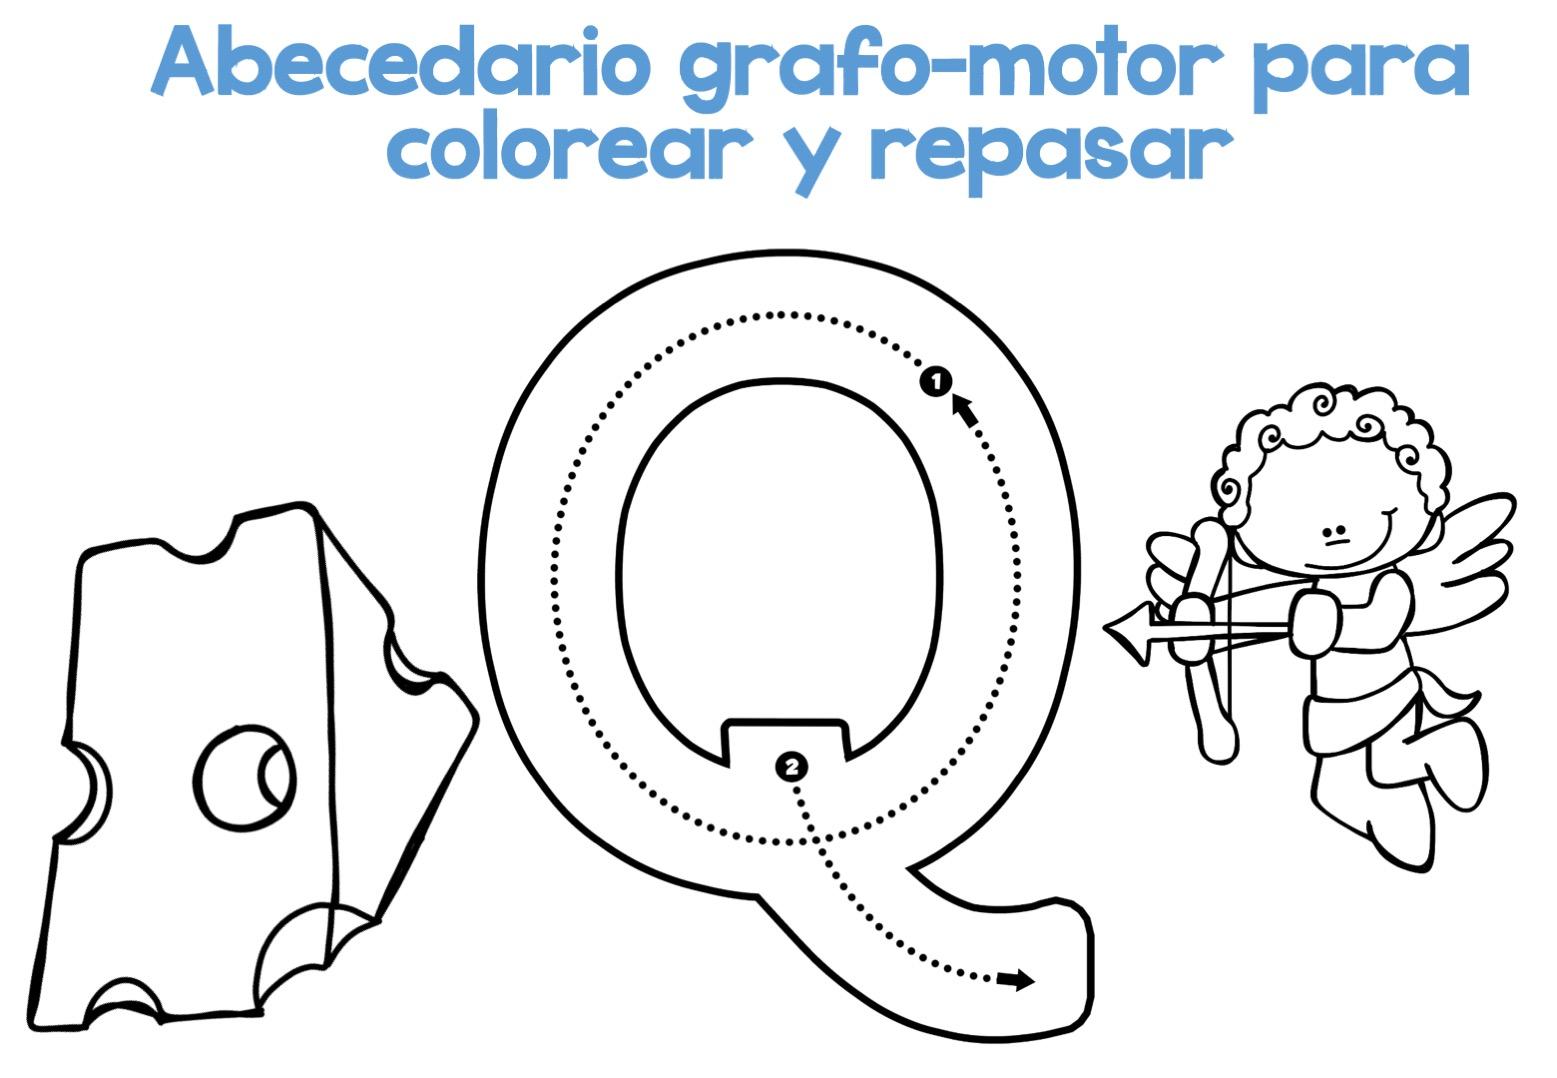 Imagenes Para Colorear De Español: Completo Abecedario Grafo-motor Para Colorear Y Repasar18